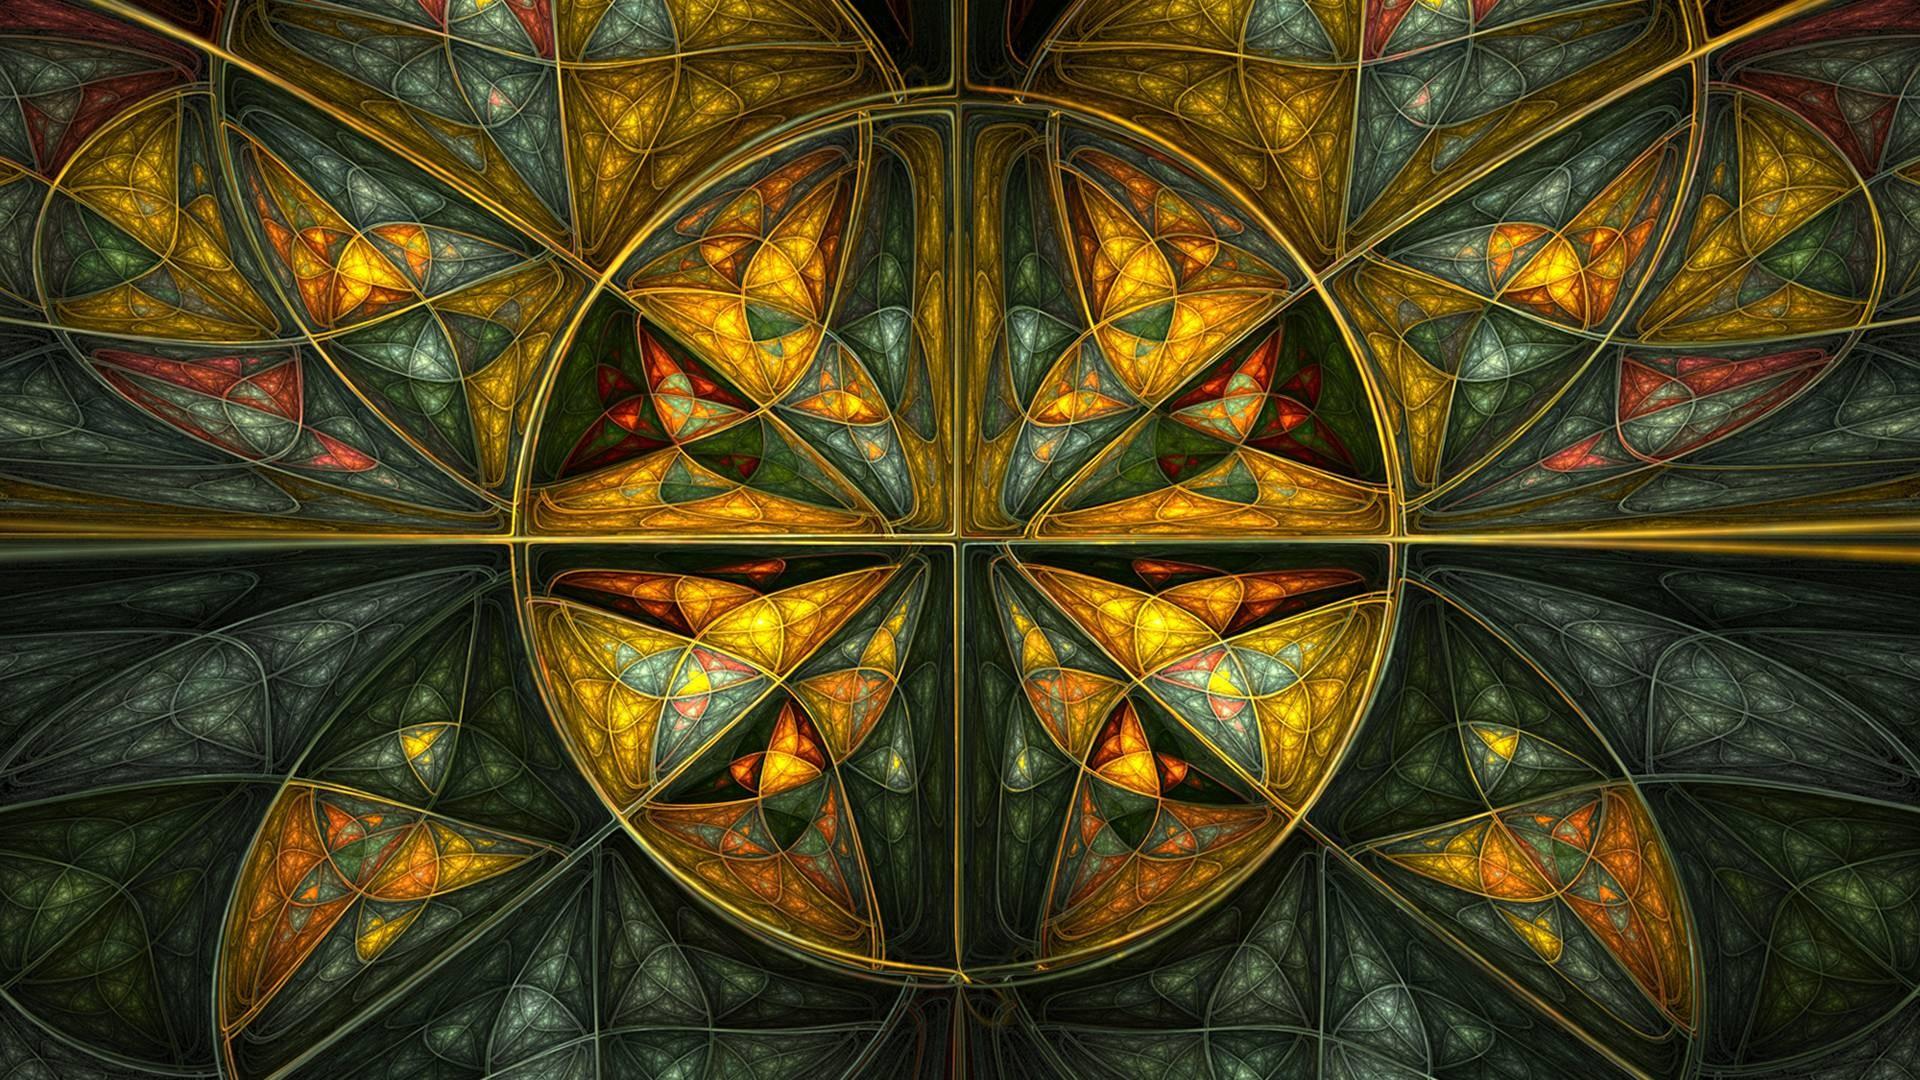 fractal Wallpaper Background | 749